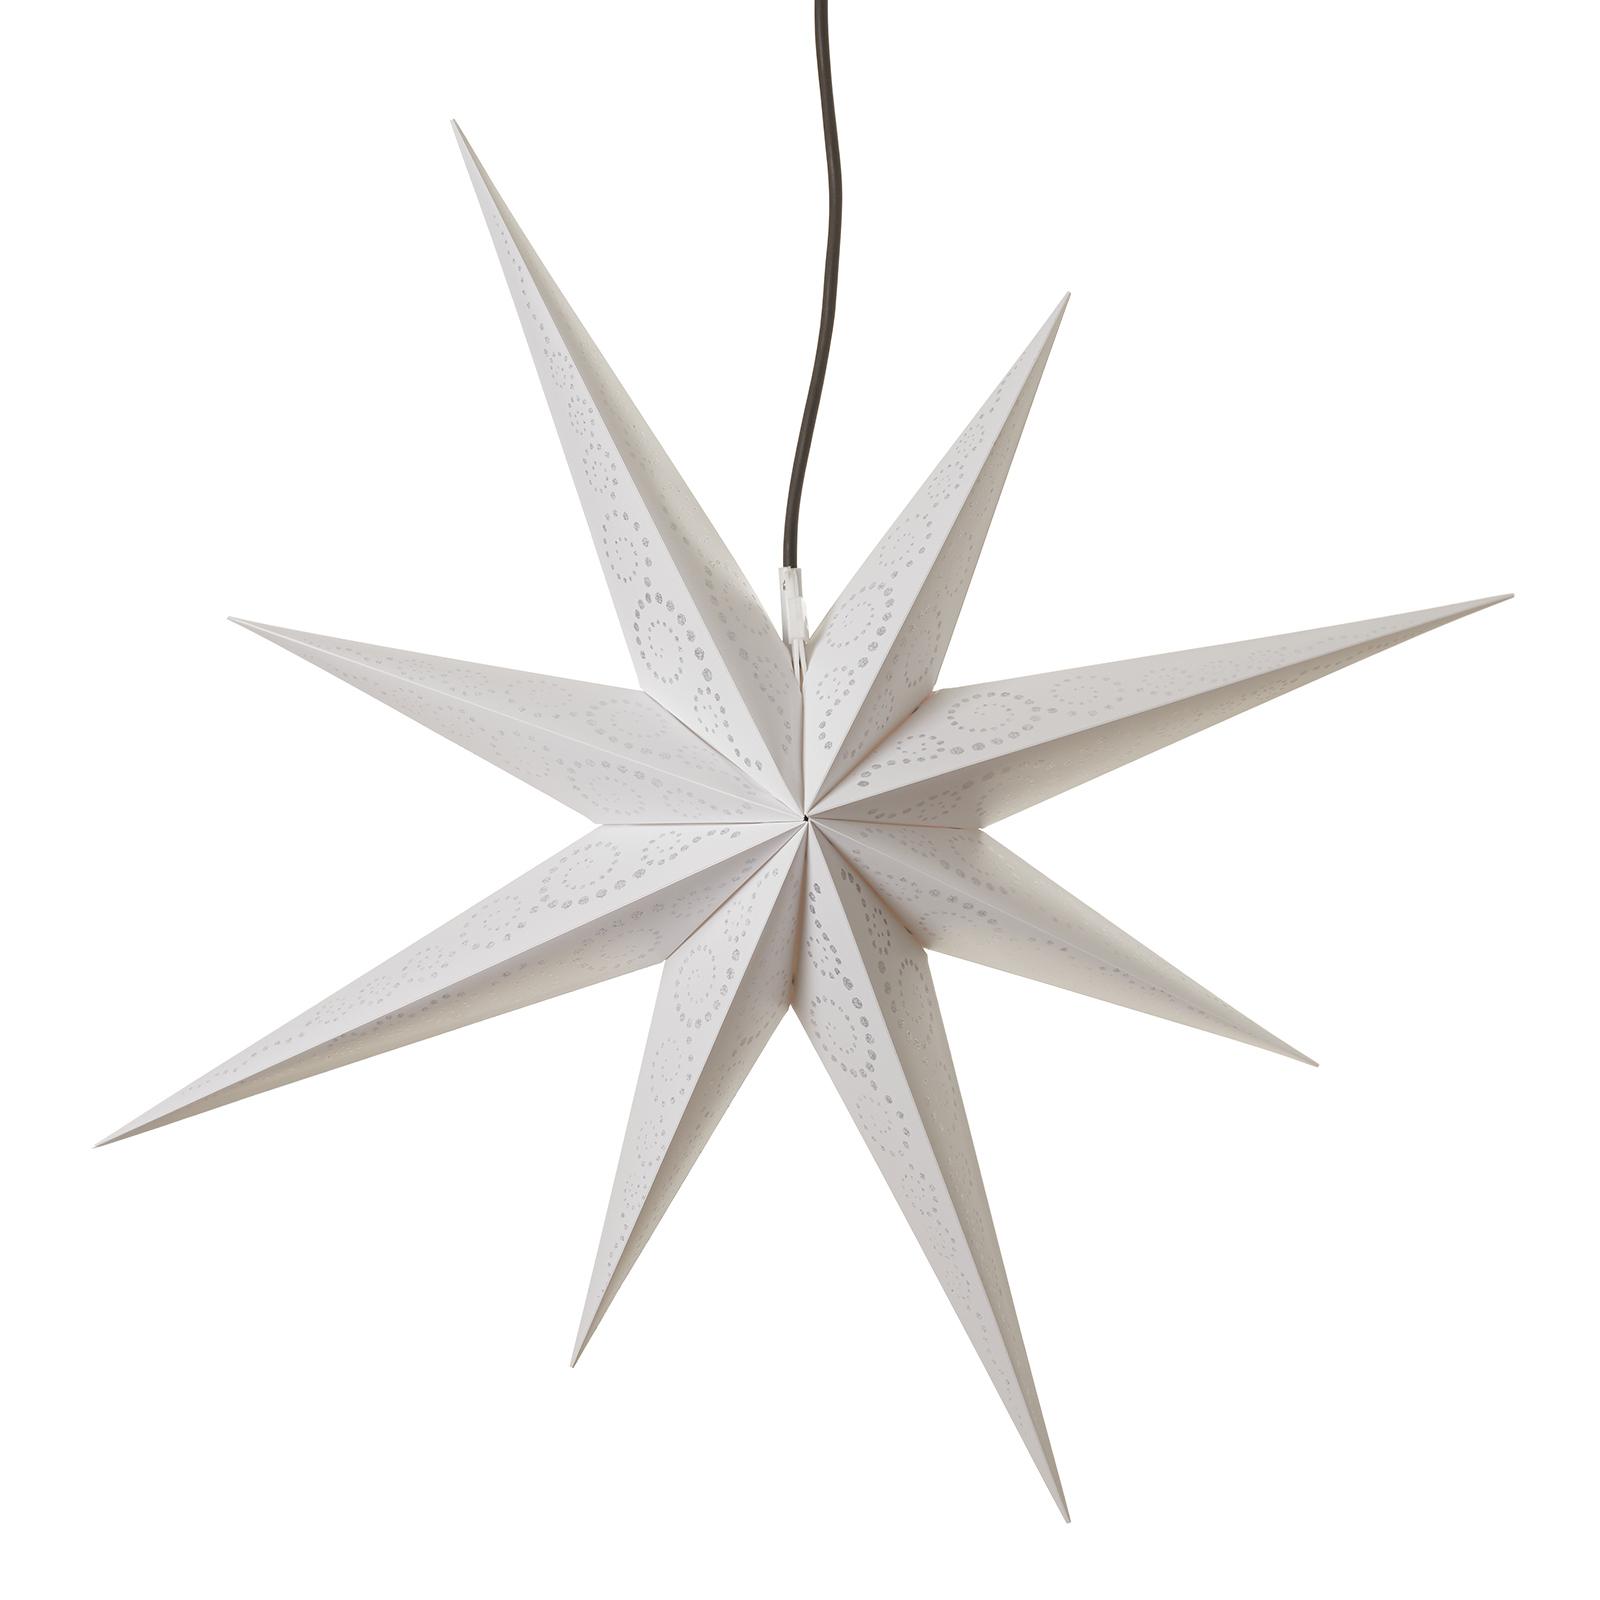 8-ramienna, mieniąca się gwiazda Ganesha biała